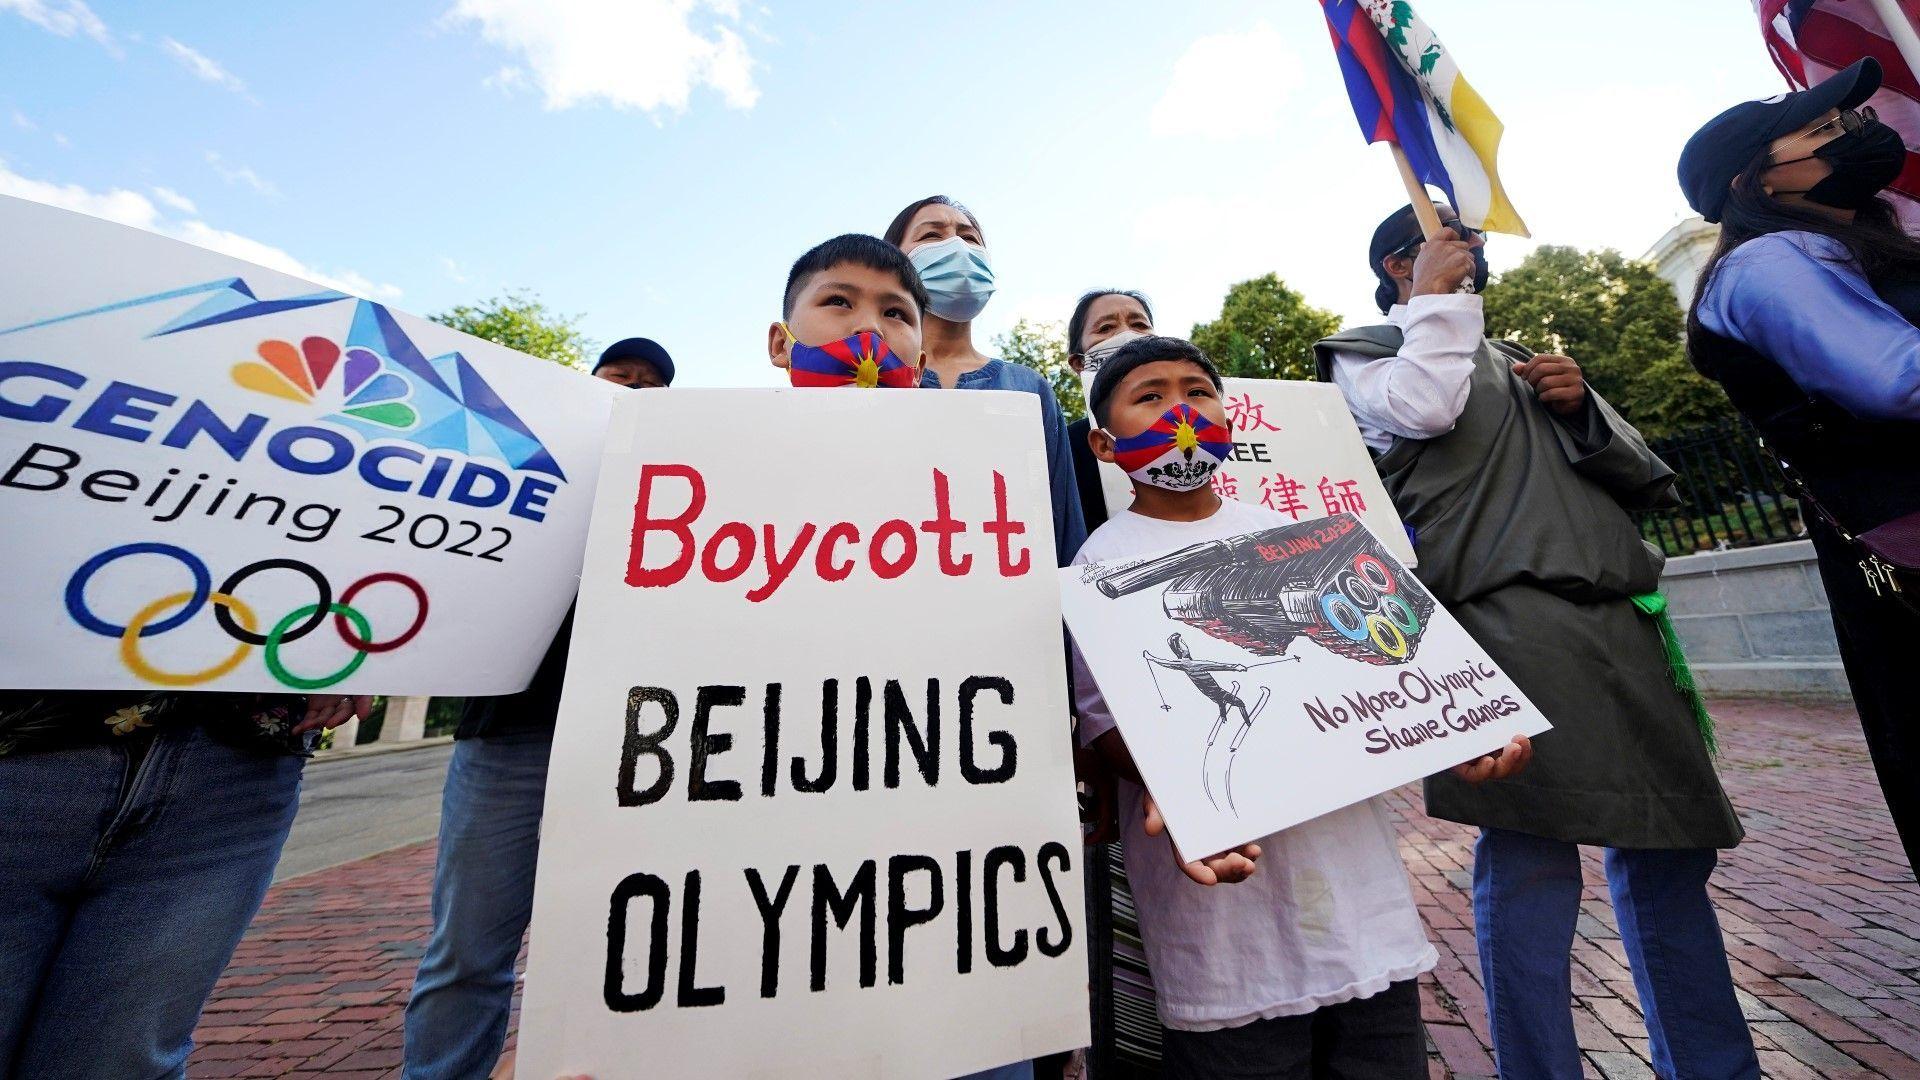 Тибетци и уйгури протестираха пред Олимпийския музей в Лозана срещу организирането на зимните Олимпийски игри в Пекин догодина и призоваха за бойкот